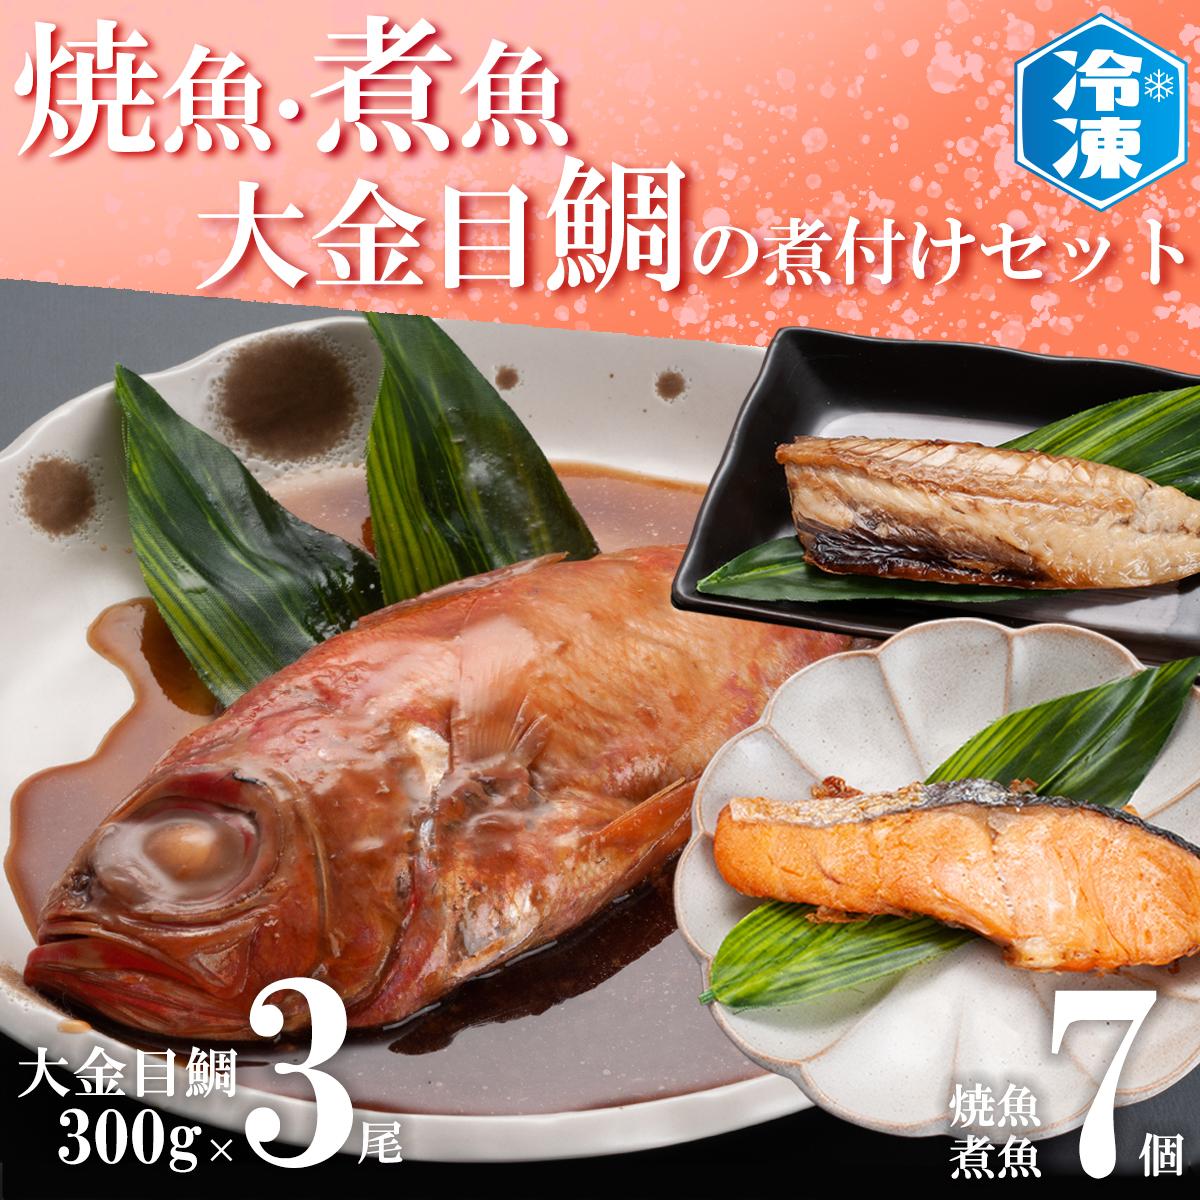 【ふるさと納税】AB013_焼魚、煮魚と大金目鯛の煮付けセット